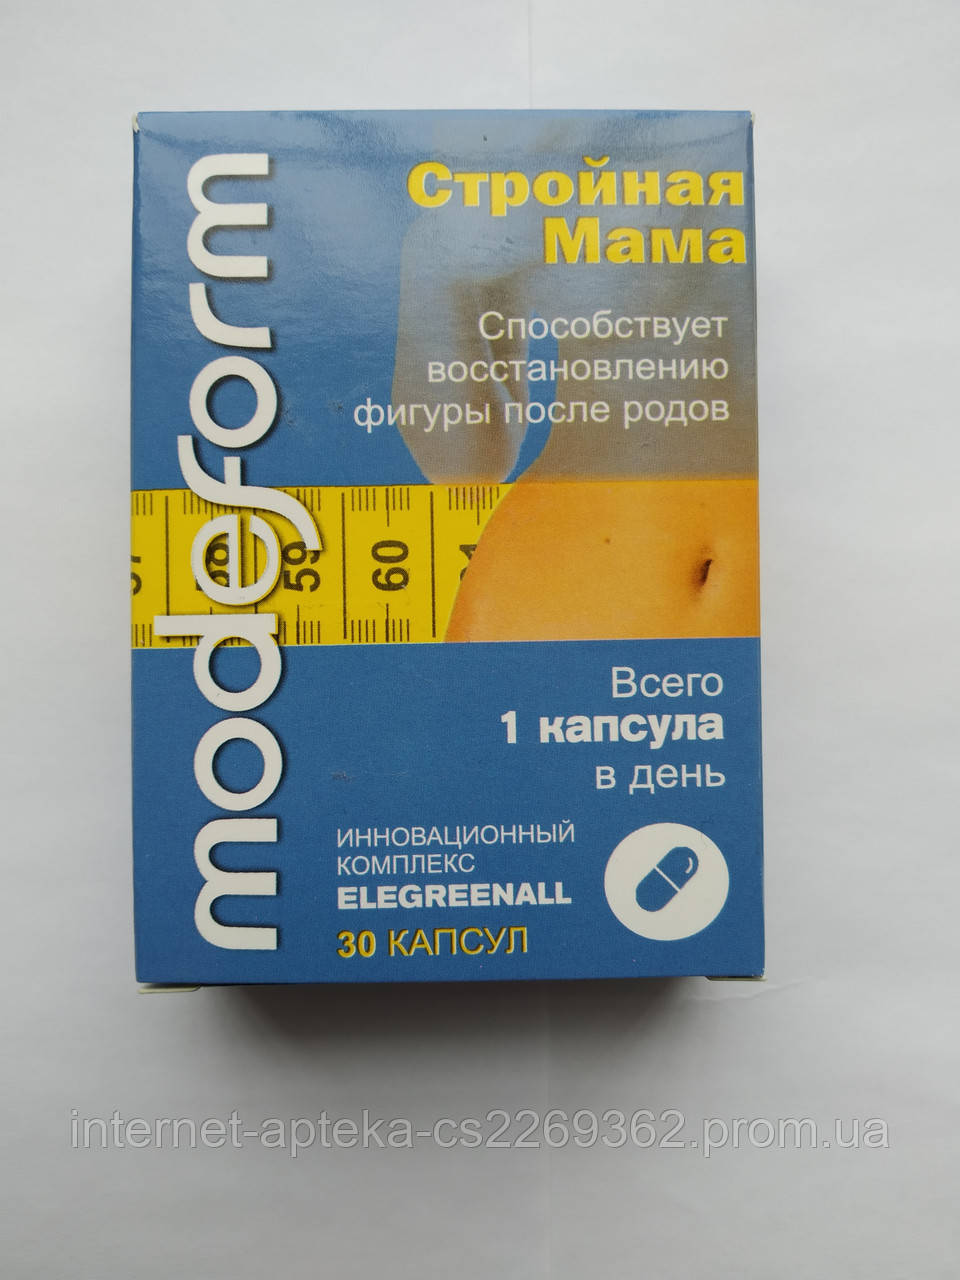 Биодобавки для похудения украина